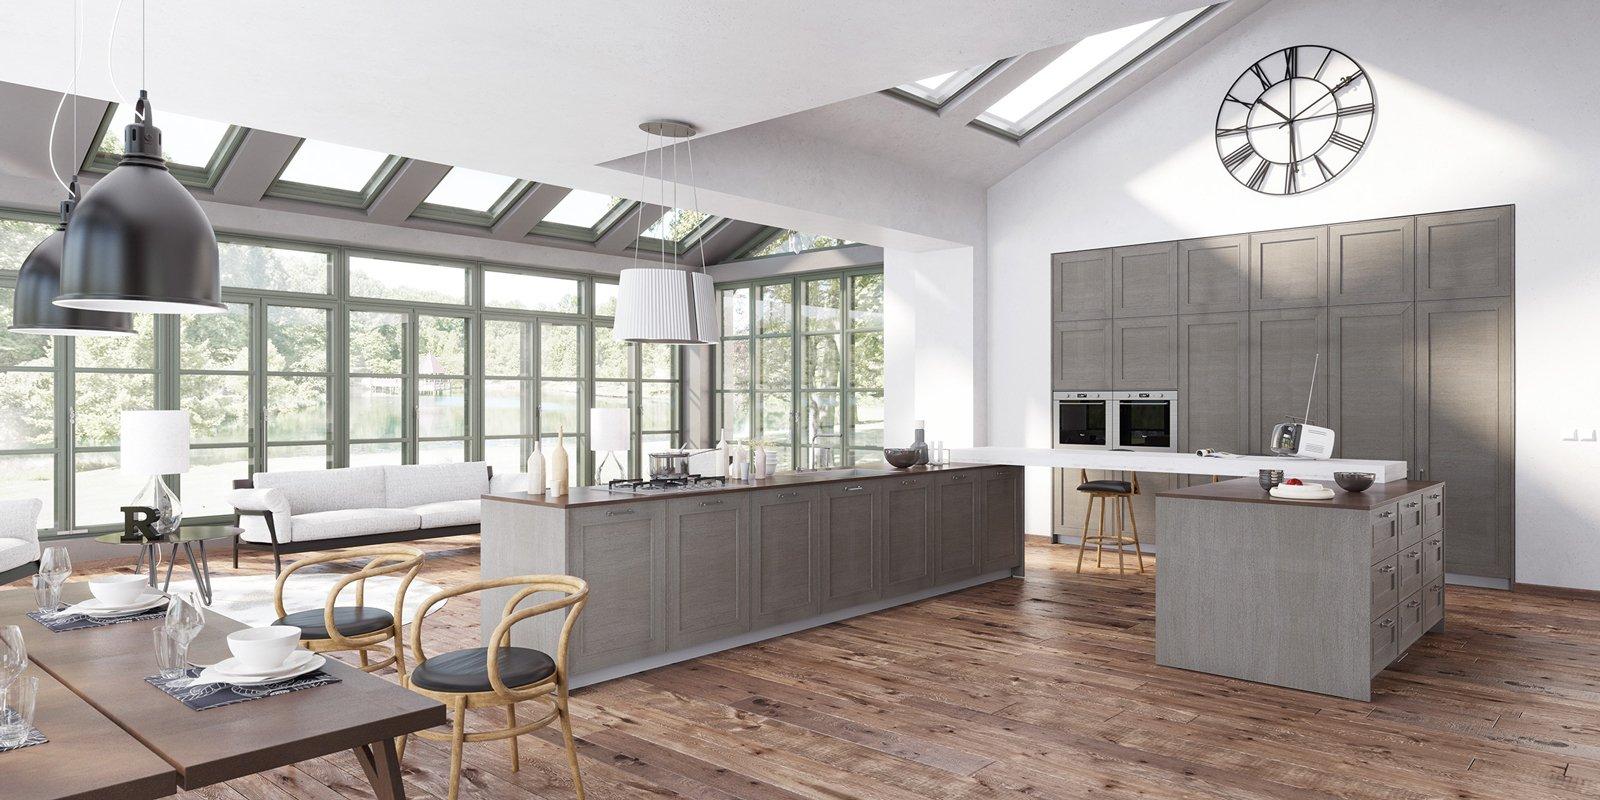 Cucine A Isola Con Bancone Snack O Tavolo Cose Di Casa #765D4F 1600 800 Veneta Cucine Con Bancone